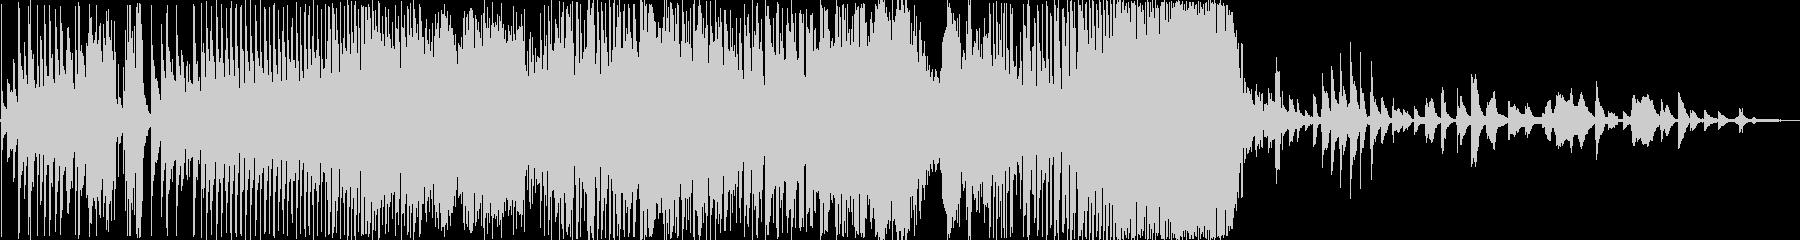 エスニック。民族トリオでの自由な表現。の未再生の波形